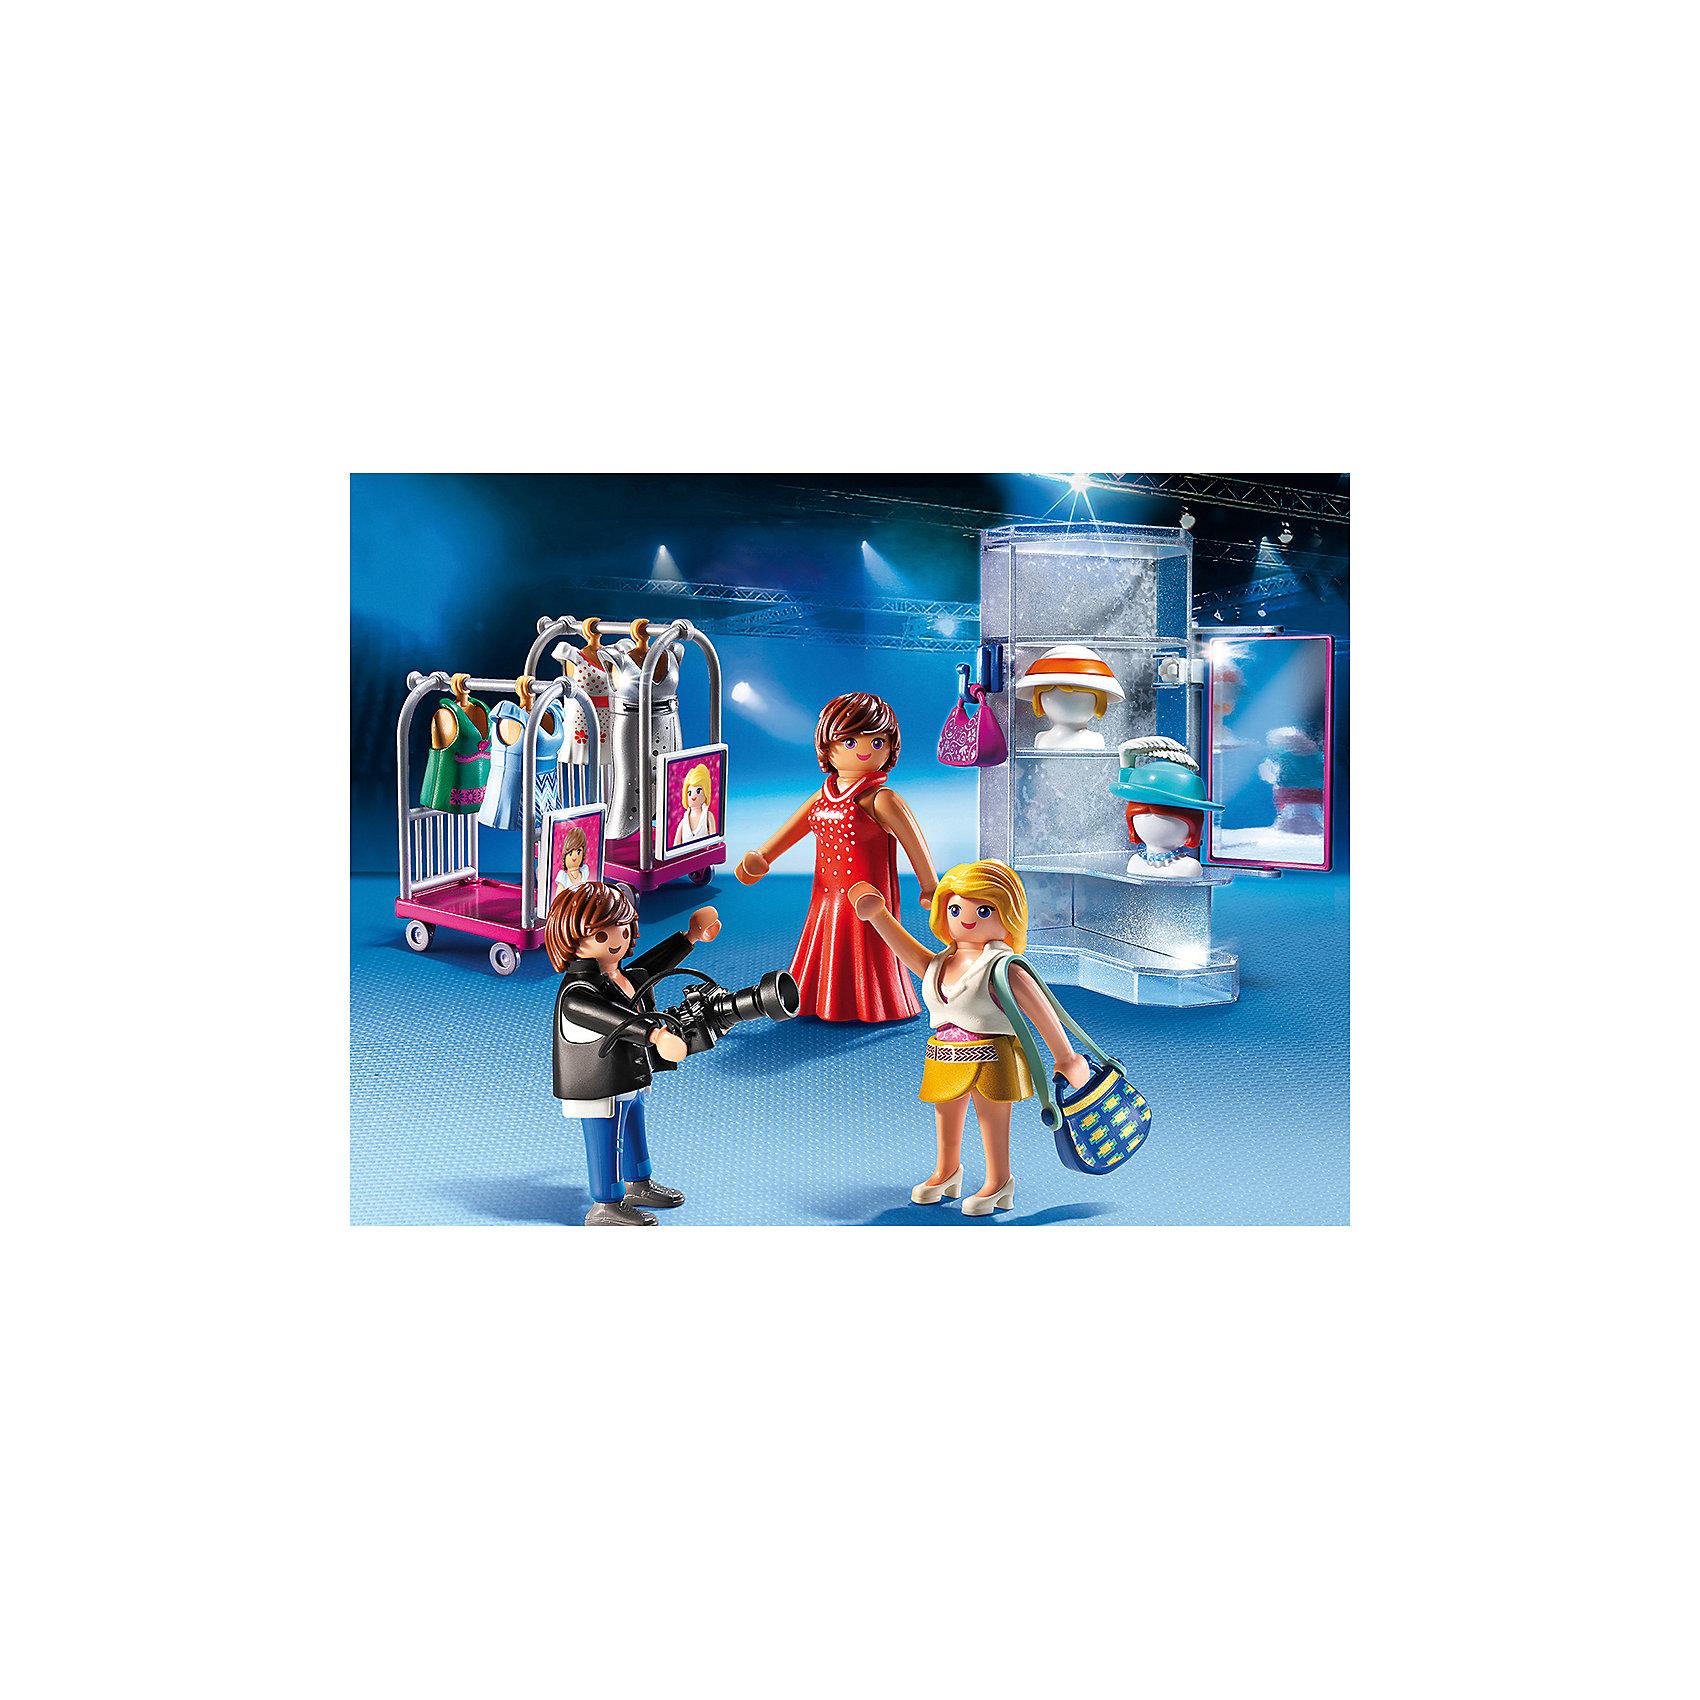 Фэшн и Стиль: Фотосессия, PLAYMOBILПластмассовые конструкторы<br>Фэшн и Стиль: Фотосессия, PLAYMOBIL (Плэймобил)<br><br>Характеристики:<br><br>• игрушечная фотосессия для двух моделей<br>• роскошные наряды<br>• прочные материалы<br>• в комплекте: 2 модели, фотограф, стеллаж с зеркалом, 2 тележки для одежды, платья, шляпы, сумки, аксессуары<br>• материал: пластик<br>• размер упаковки: 24,8х18,7х7,2 см<br>• вес: 300 грамм<br><br>Две очаровательные девушки решили устроить настоящую фотосессию у модного фотографа! И, конечно же, ваш ребенок сможет помочь им. Для этого в комплект от Плэймобил входят несколько обворожительных нарядов, стеллаж с зеркалом и аксессуары. Одевайте моделей так, как подскажет воображение. Сюжетно-ролевые игры хорошо развивают координацию, моторику и фантазию.<br><br>Фэшн и Стиль: Фотосессия, PLAYMOBIL (Плэймобил) можно купить в нашем интернет-магазине.<br><br>Ширина мм: 250<br>Глубина мм: 190<br>Высота мм: 78<br>Вес г: 298<br>Возраст от месяцев: 48<br>Возраст до месяцев: 120<br>Пол: Женский<br>Возраст: Детский<br>SKU: 3786411